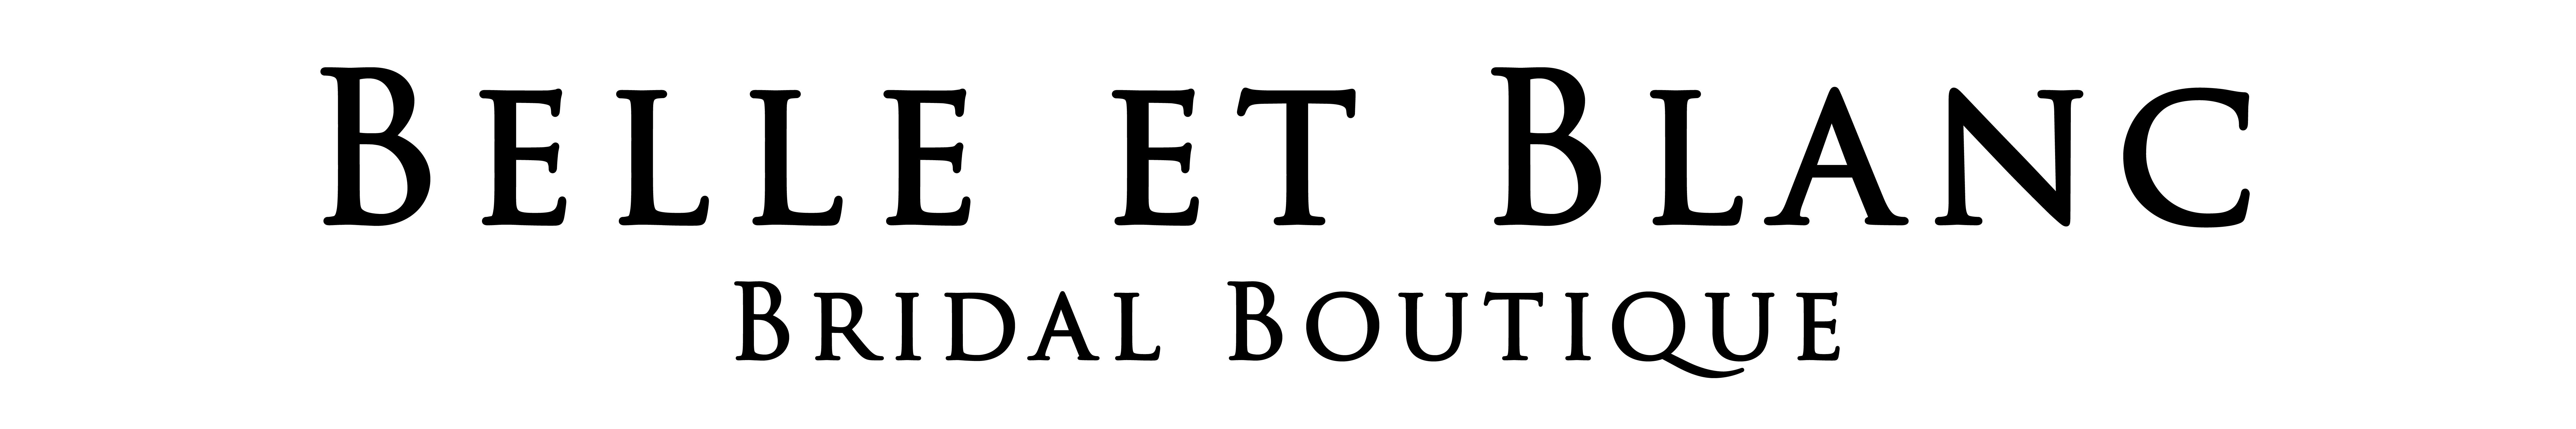 Belle et Blanc Bridal Boutique Melbourne